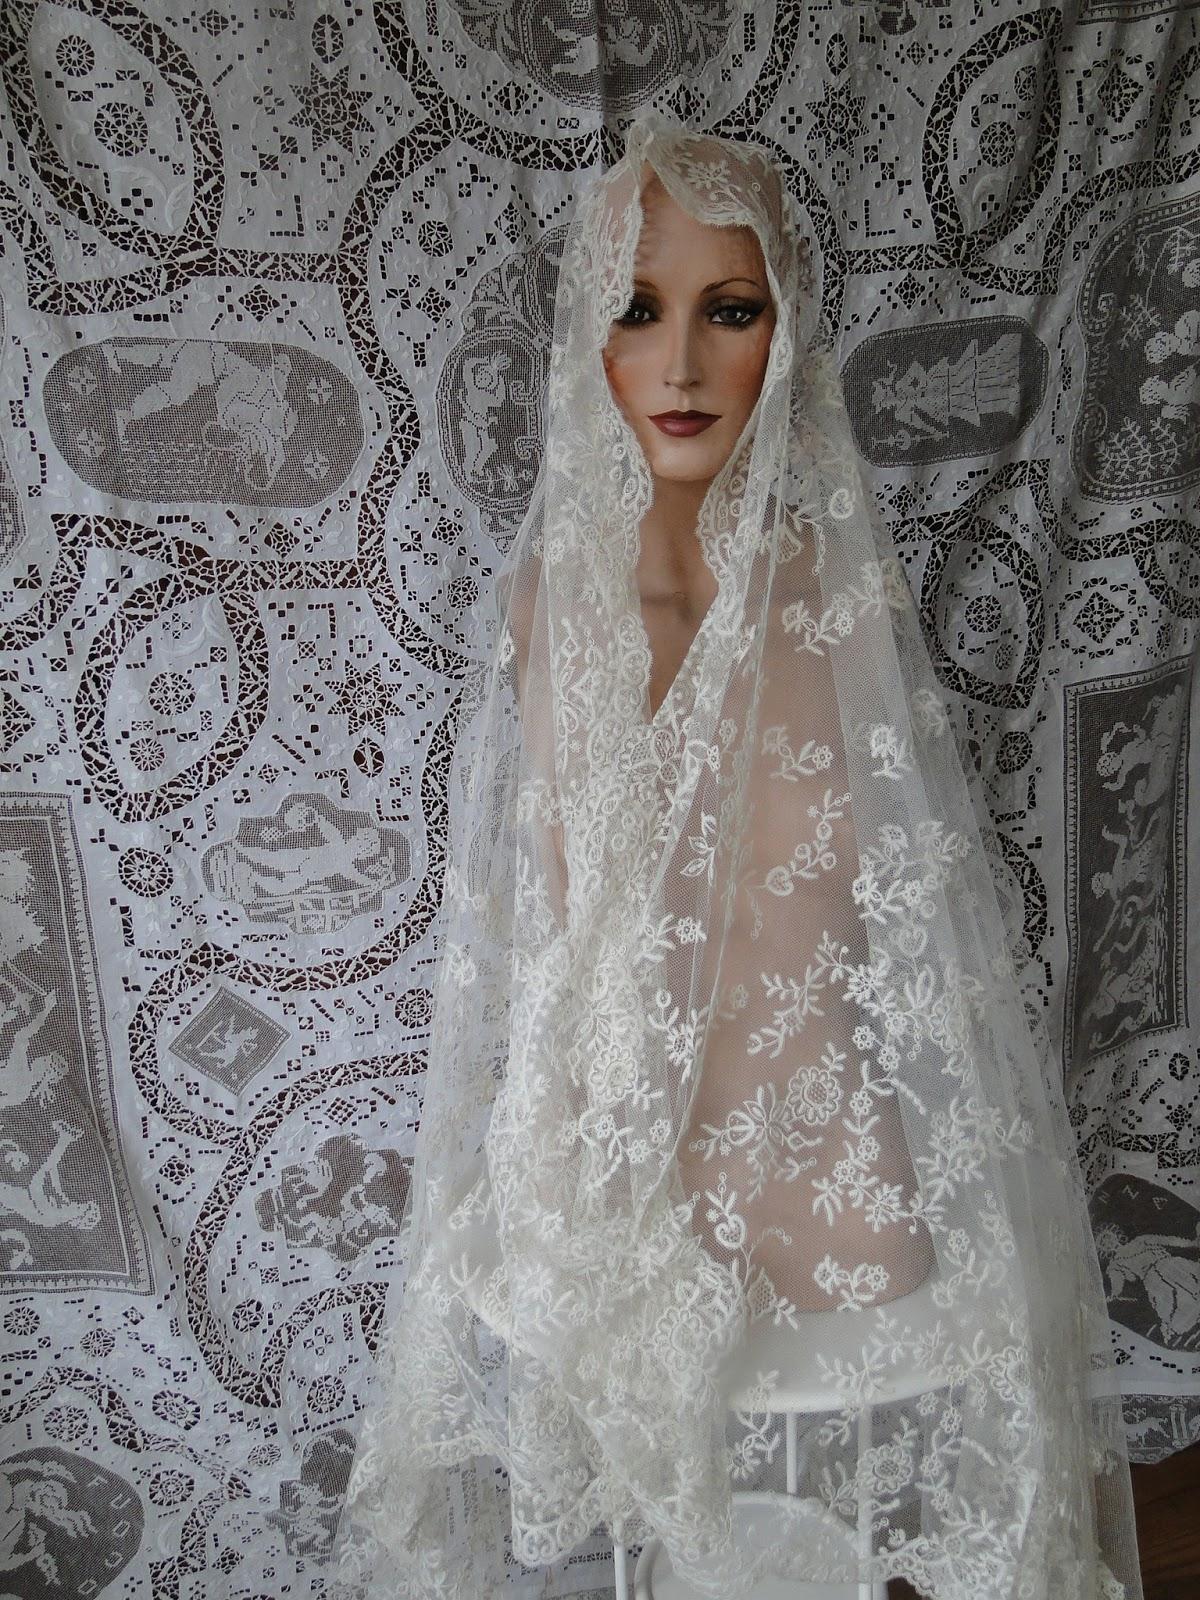 Antique lace wedding veils